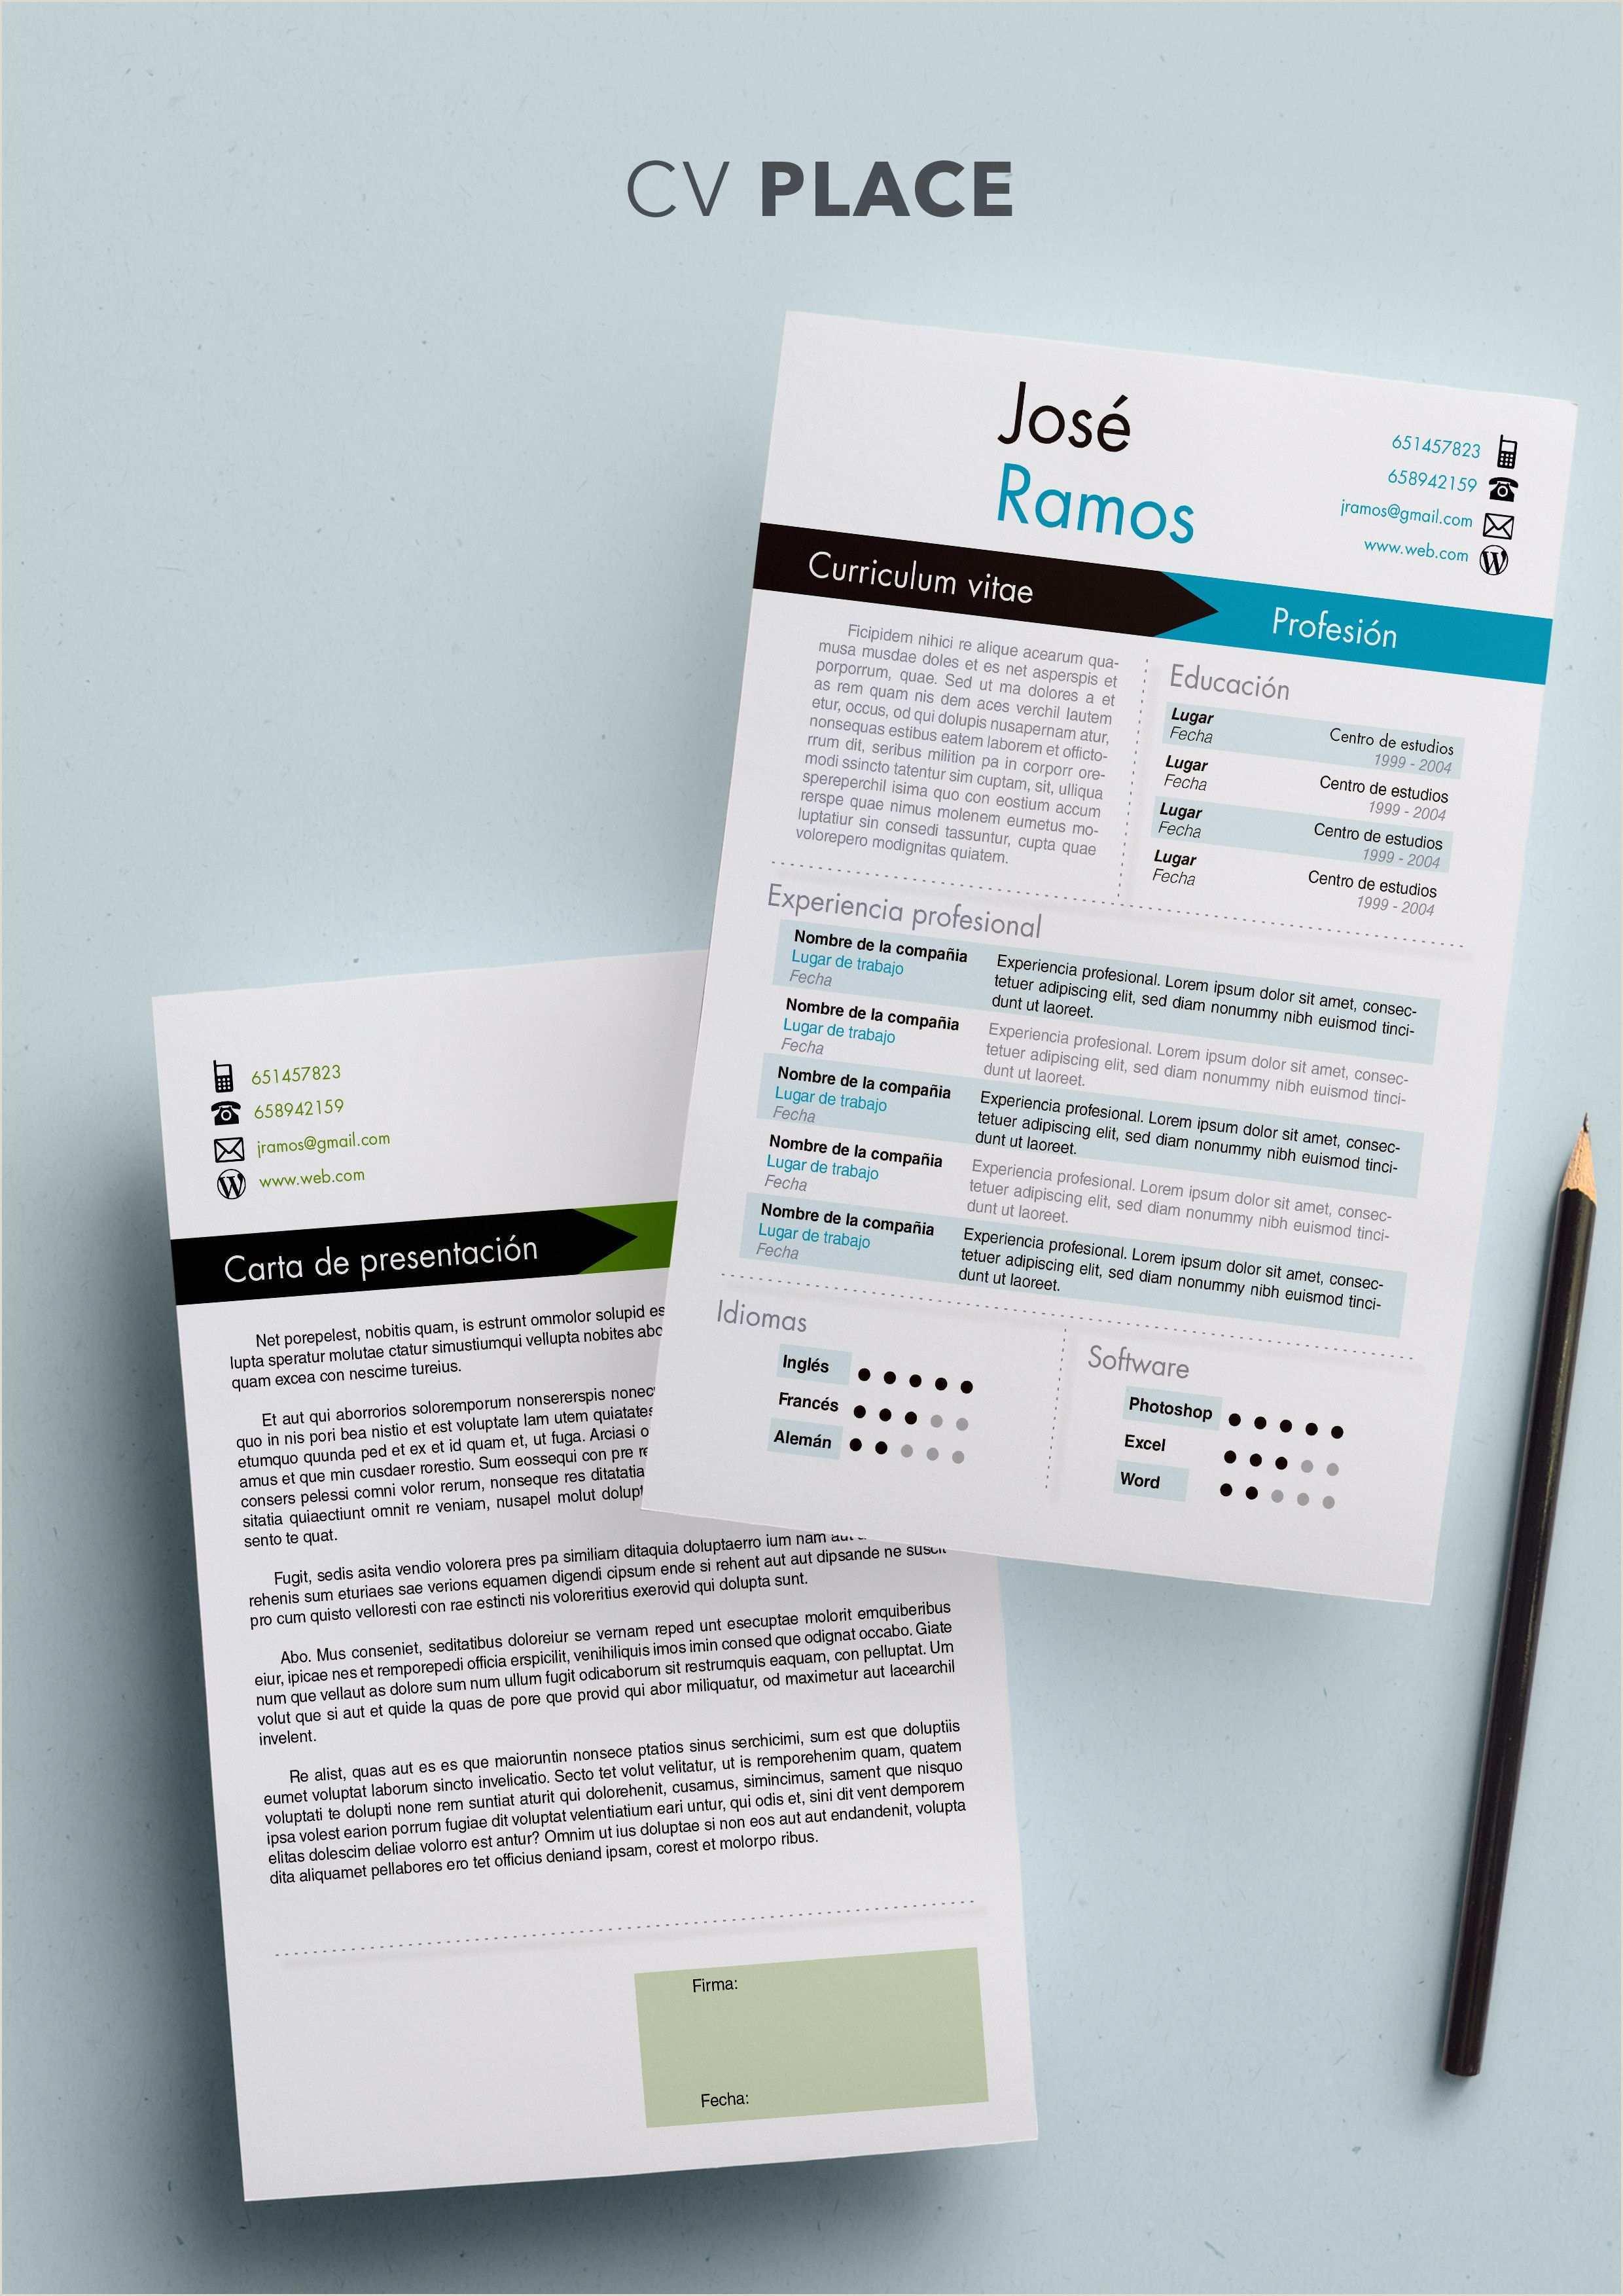 Descargar Hoja De Vida Formato Unico Gratis In 2020 Curriculum Vitae Examples Cover Letter For Resume Curriculum Vitae